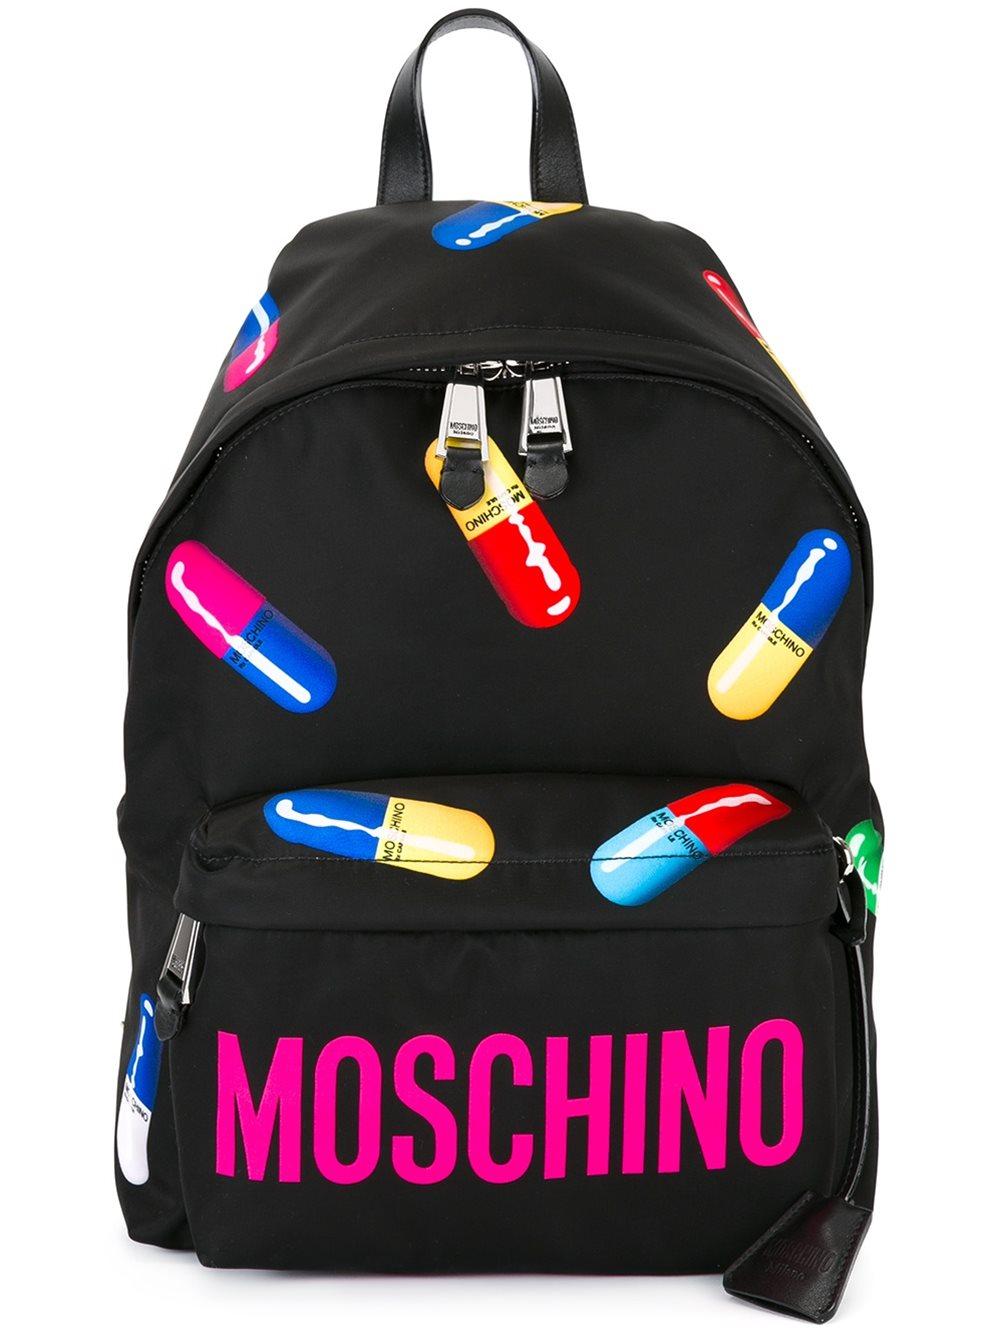 moschino1.jpg